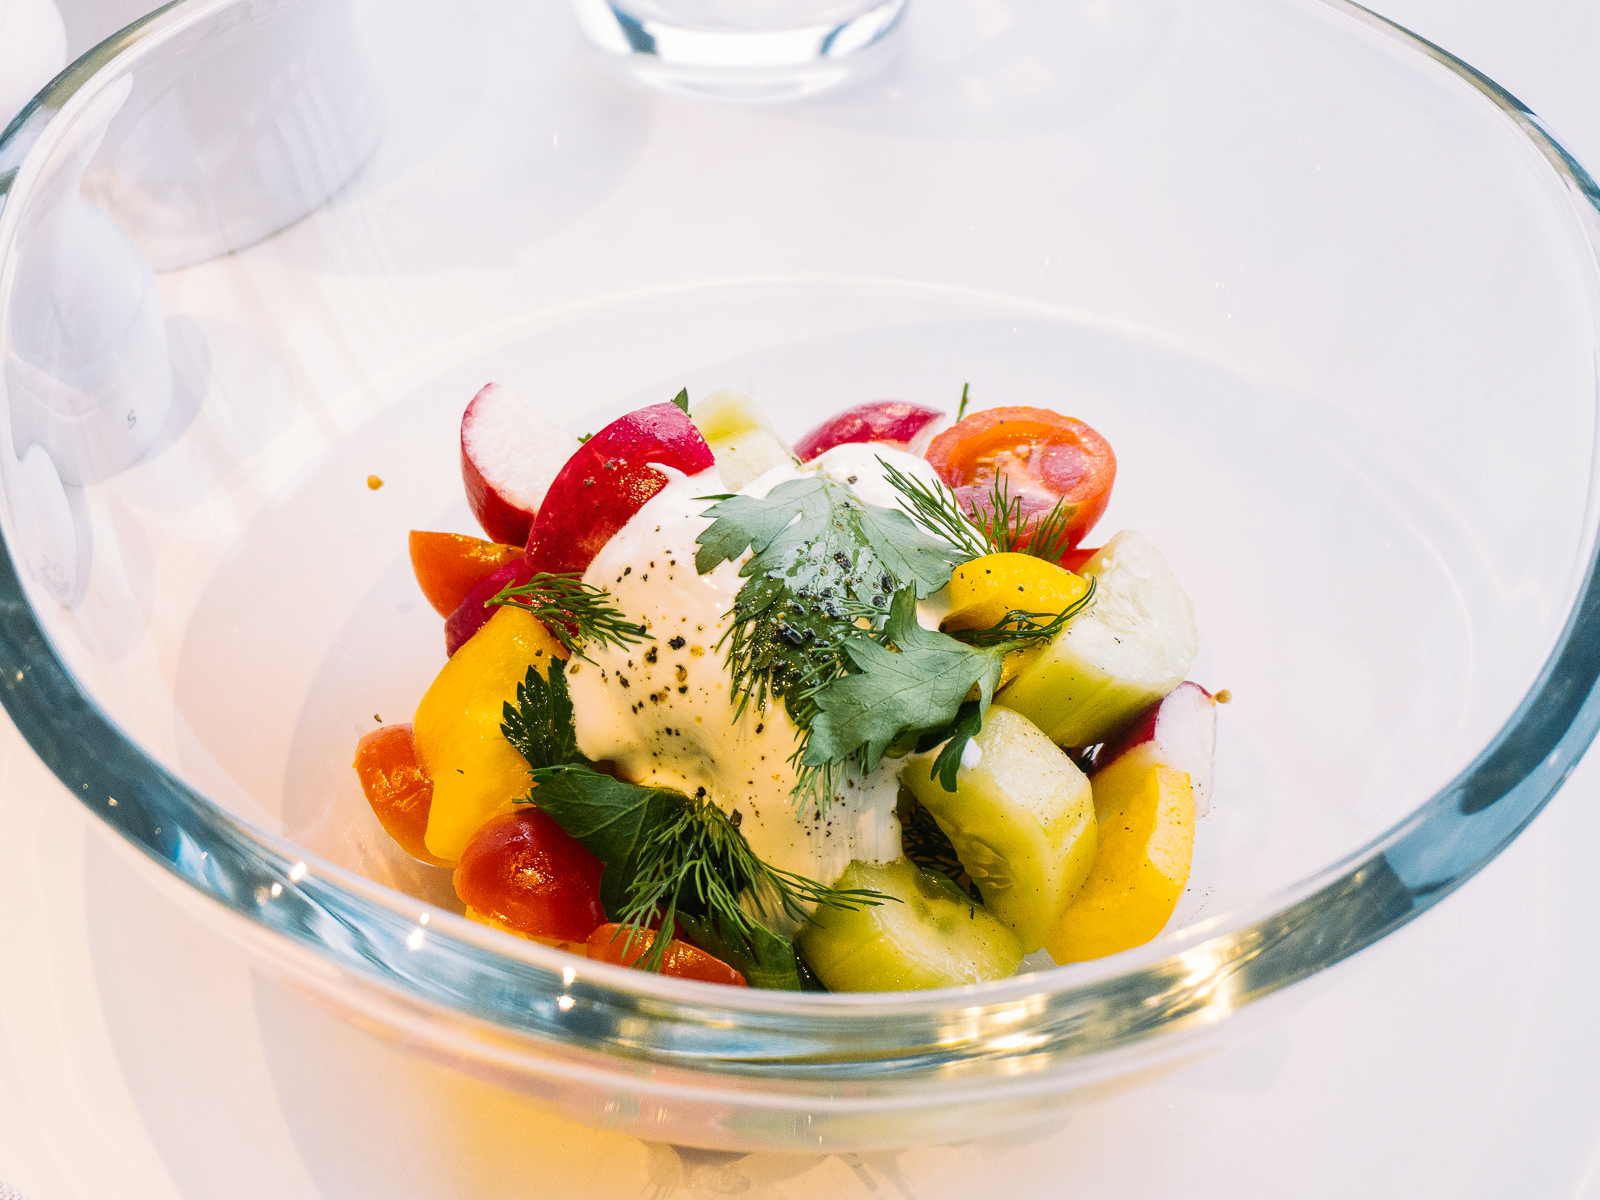 Салат из свежих овощей и зелени со сметаной